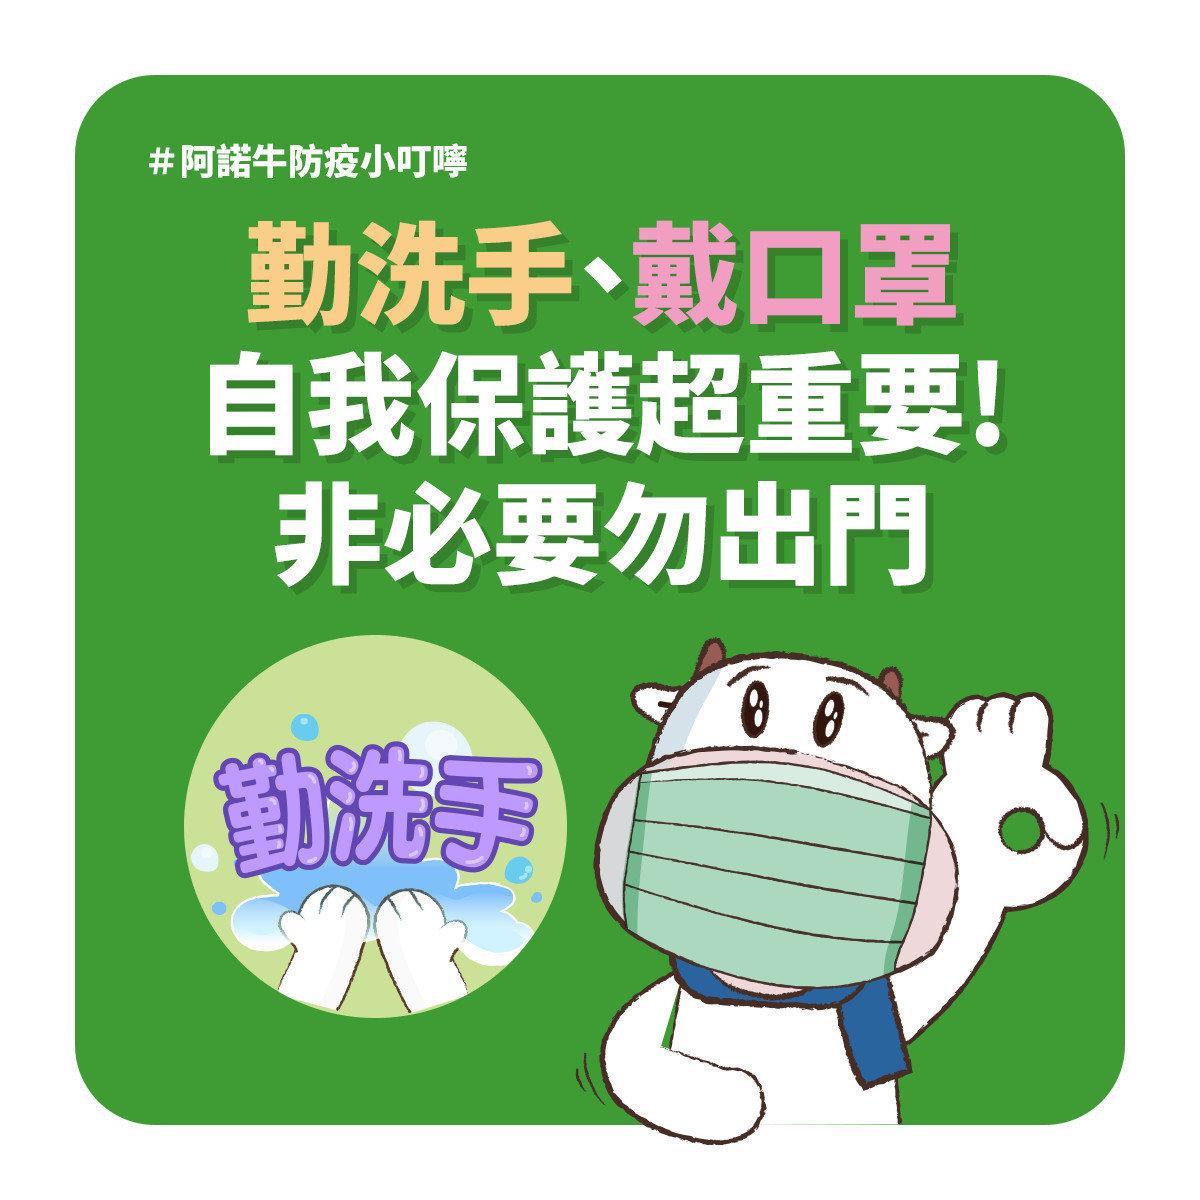 糖尿病防疫-勤洗手、戴口罩、非必要不出門